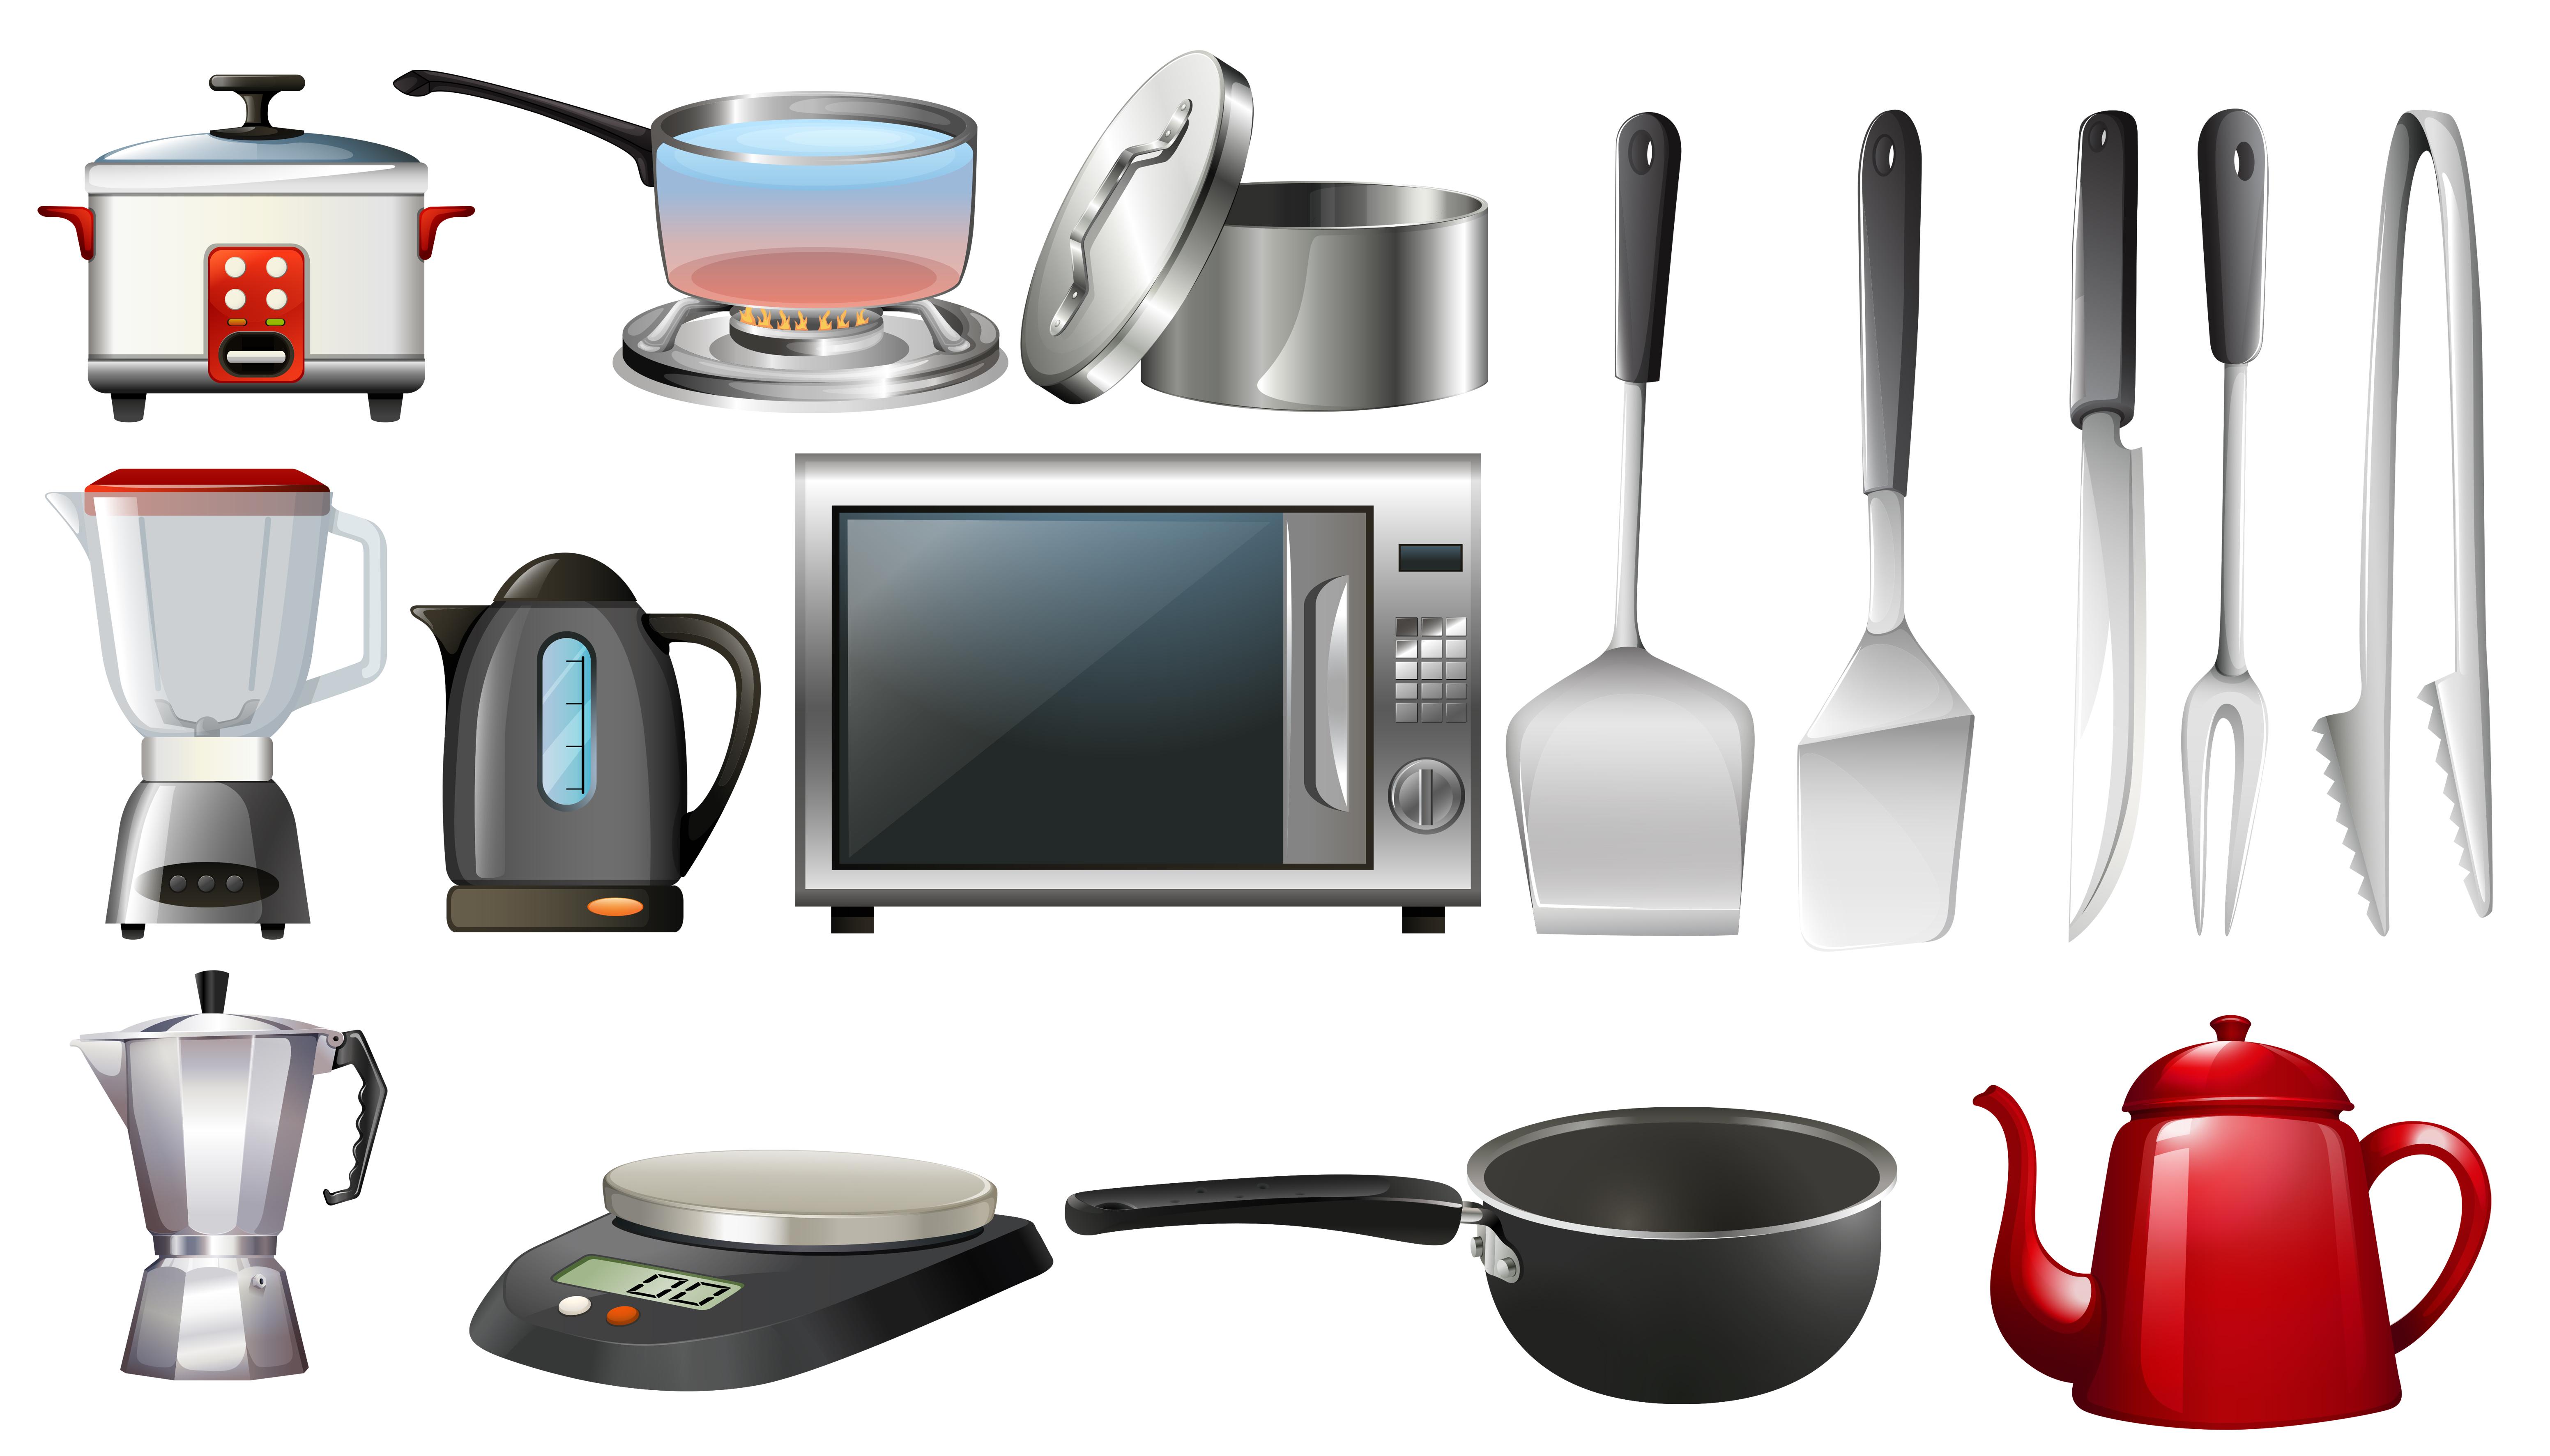 Kit d/' Gastronomie Moléculaire Ustensiles cuisine Professionnel pour Texturize